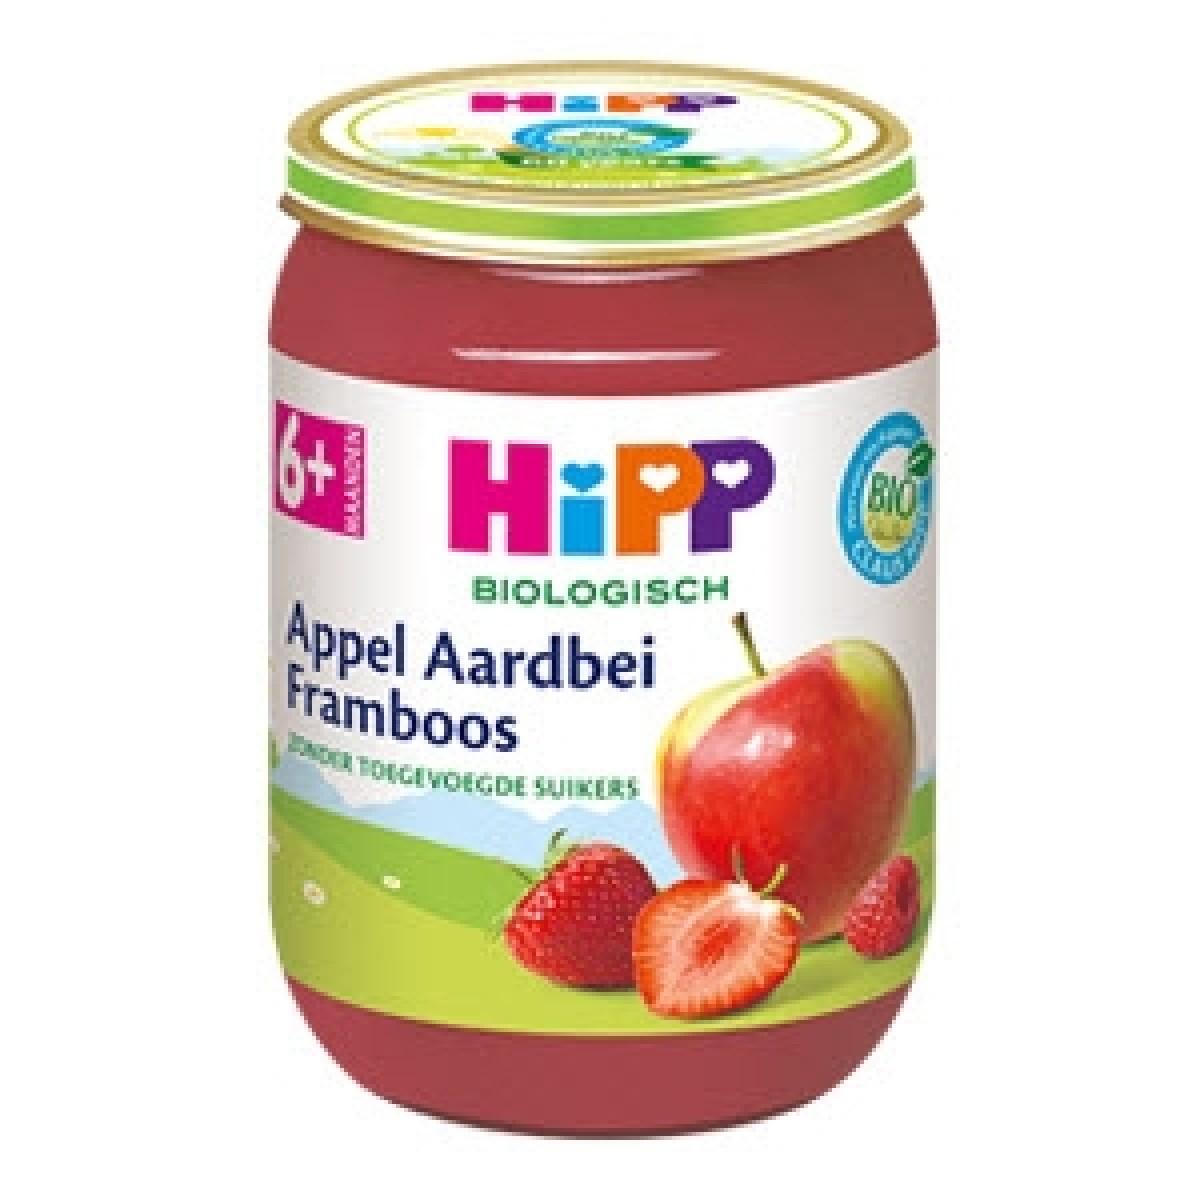 Appel Aardbei Framboos 6+ Maanden